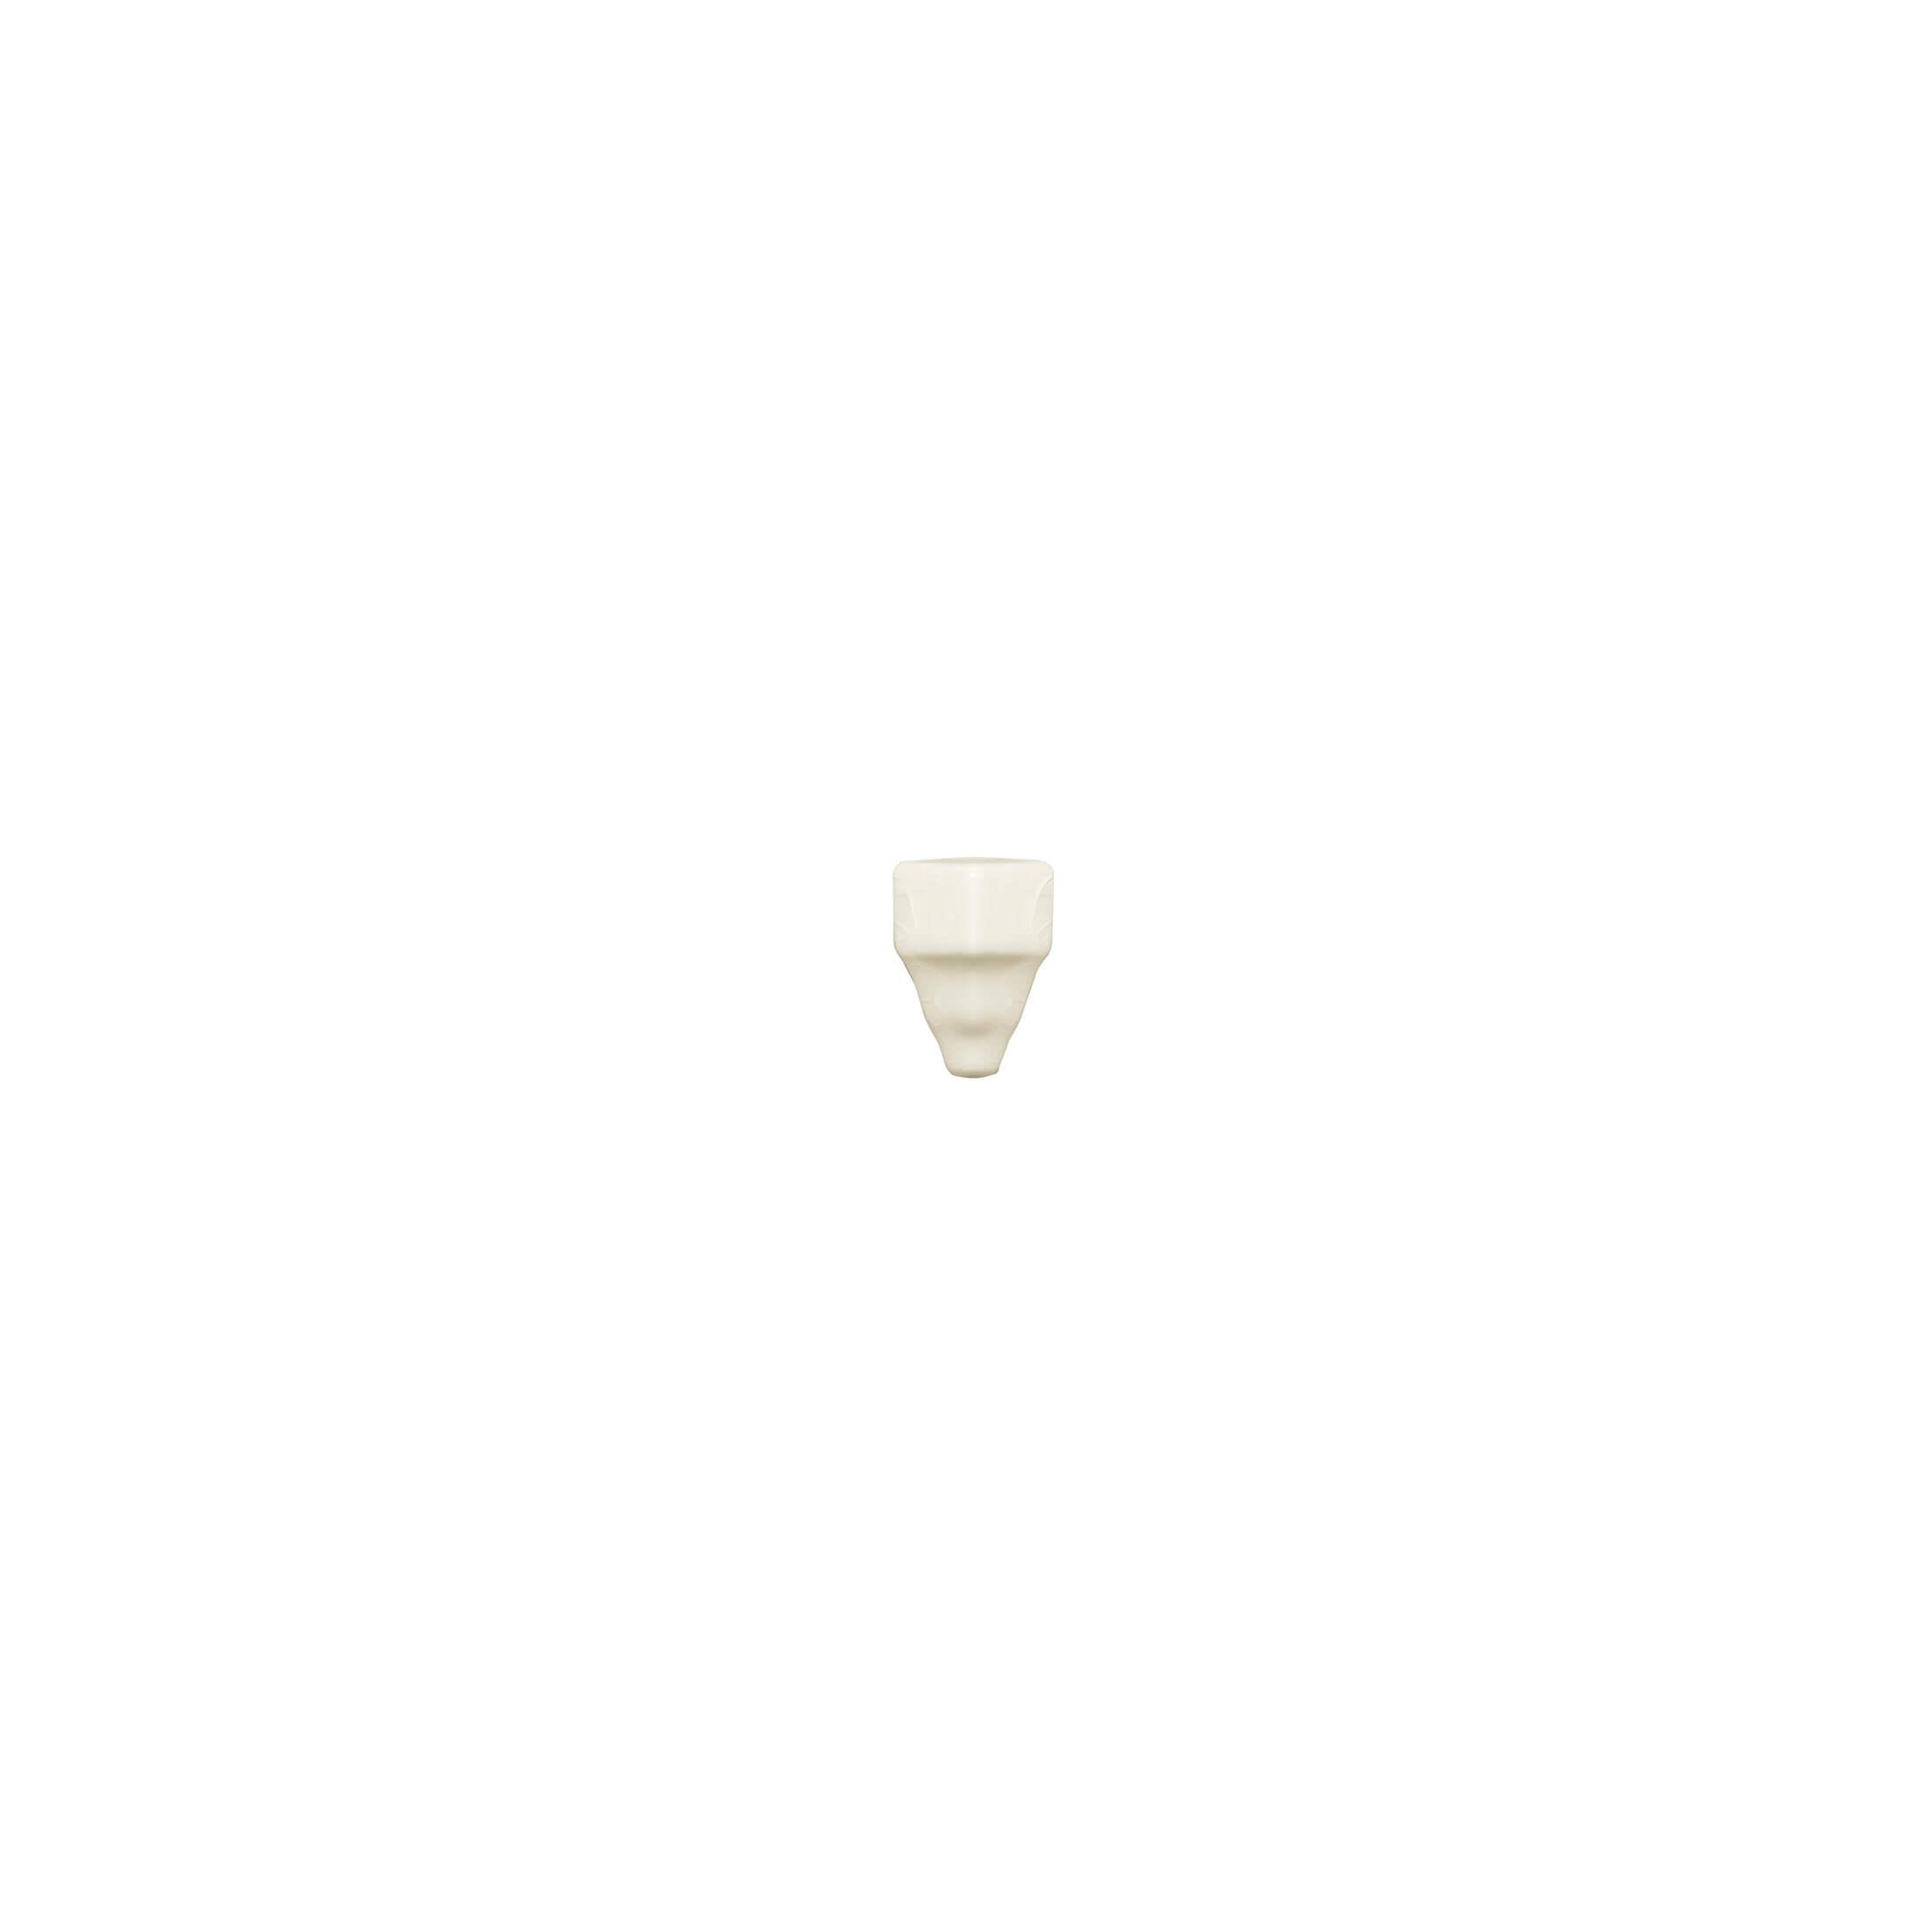 ADMO5350 - ANGULO EXTERIOR CORNISA CLASICA C/C - 3.5 cm X 15 cm